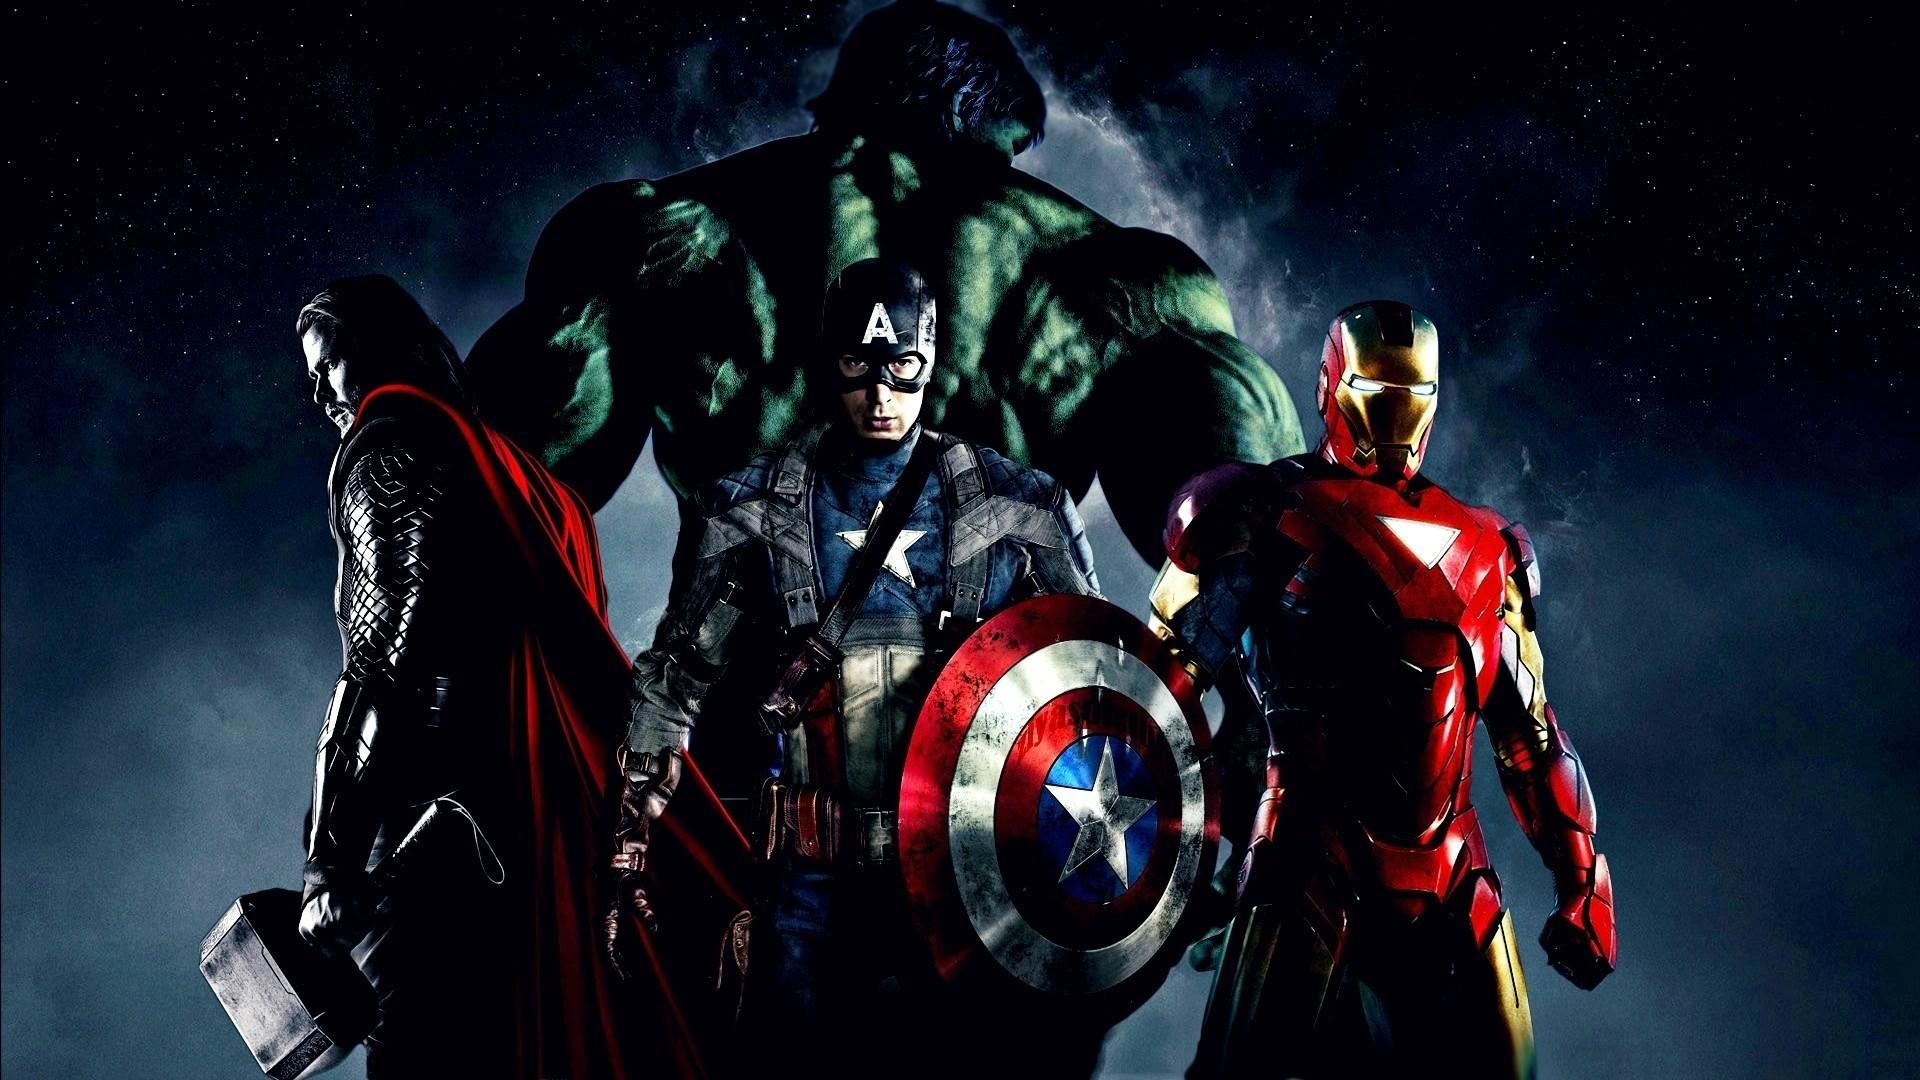 Avengers Desktop Wallpaper – WallpaperSafari